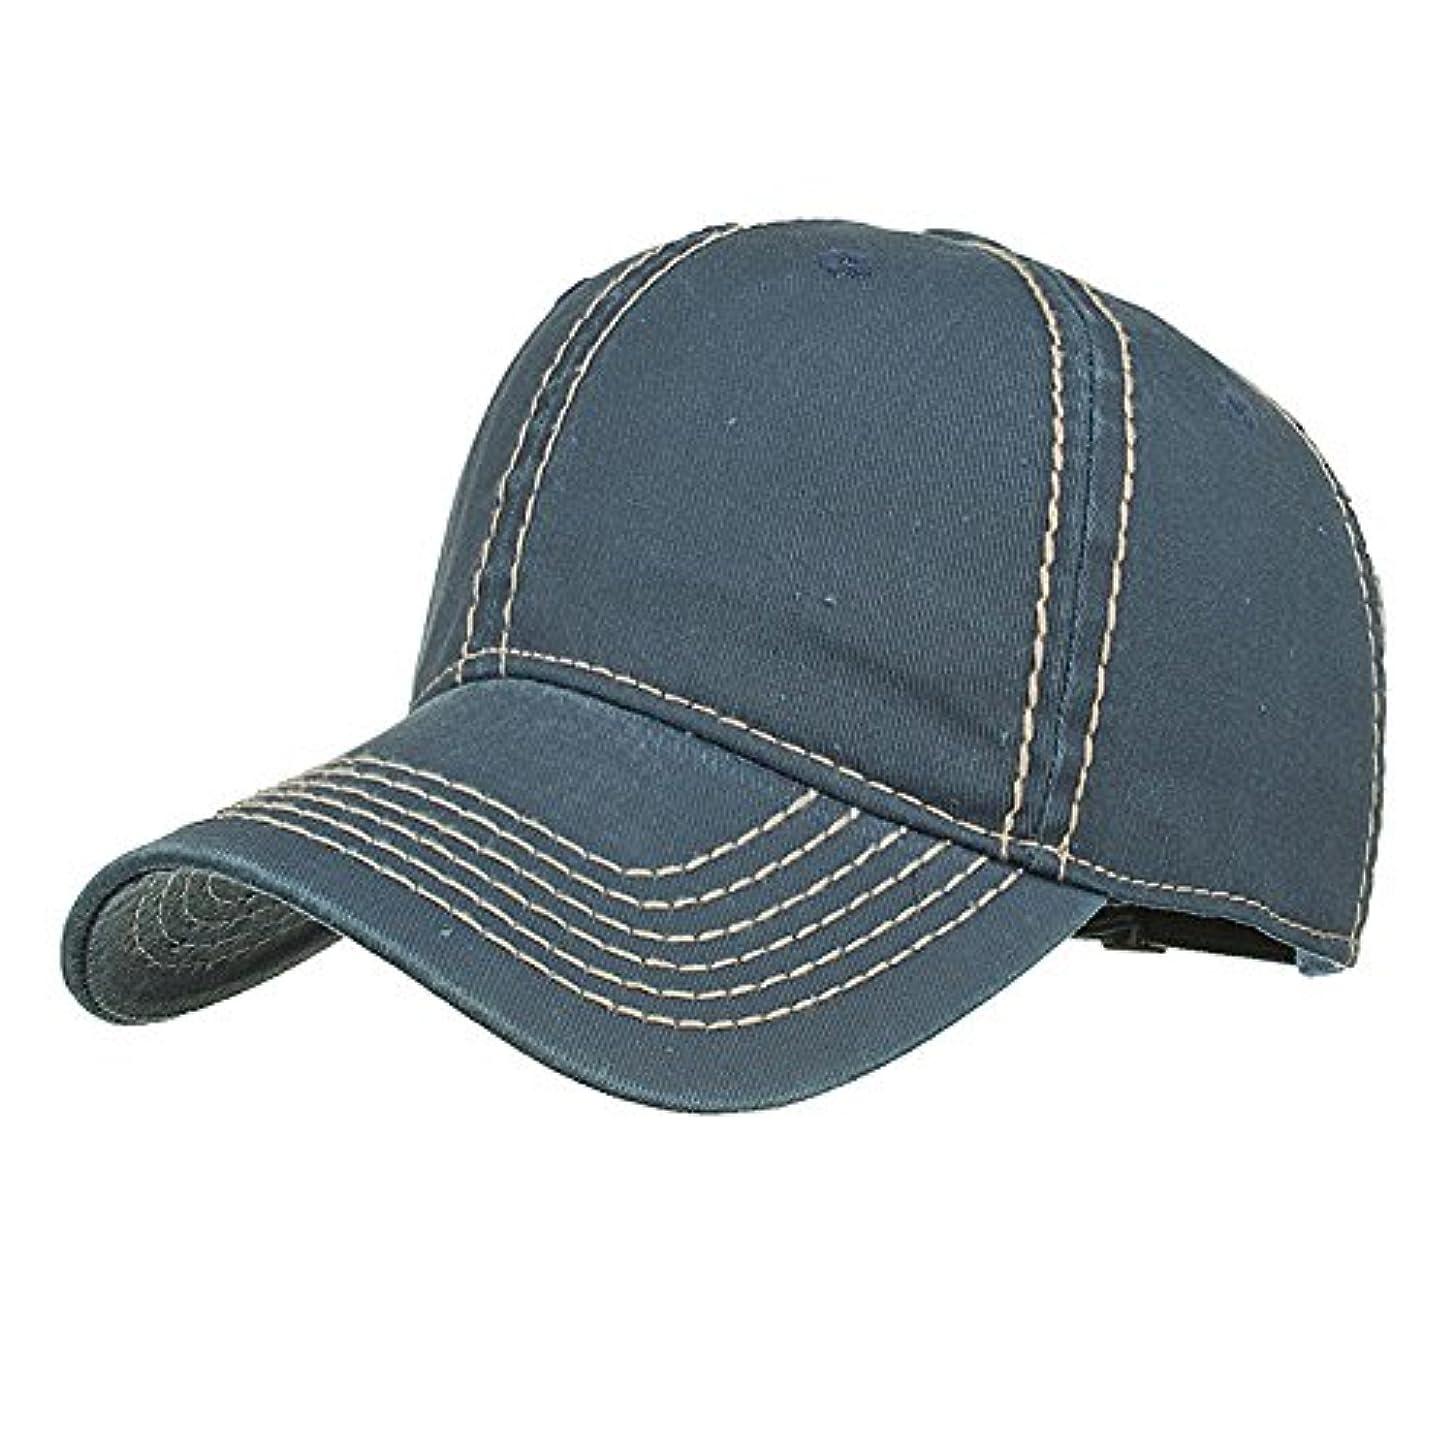 拡大する提供されたどこRacazing Cap 無地 野球帽 キャップ 夏 登山 通気性のある 帽子 ベルクロ 可調整可能 刺繍 棒球帽 UV 帽子 軽量 屋外 Unisex Hat (C)